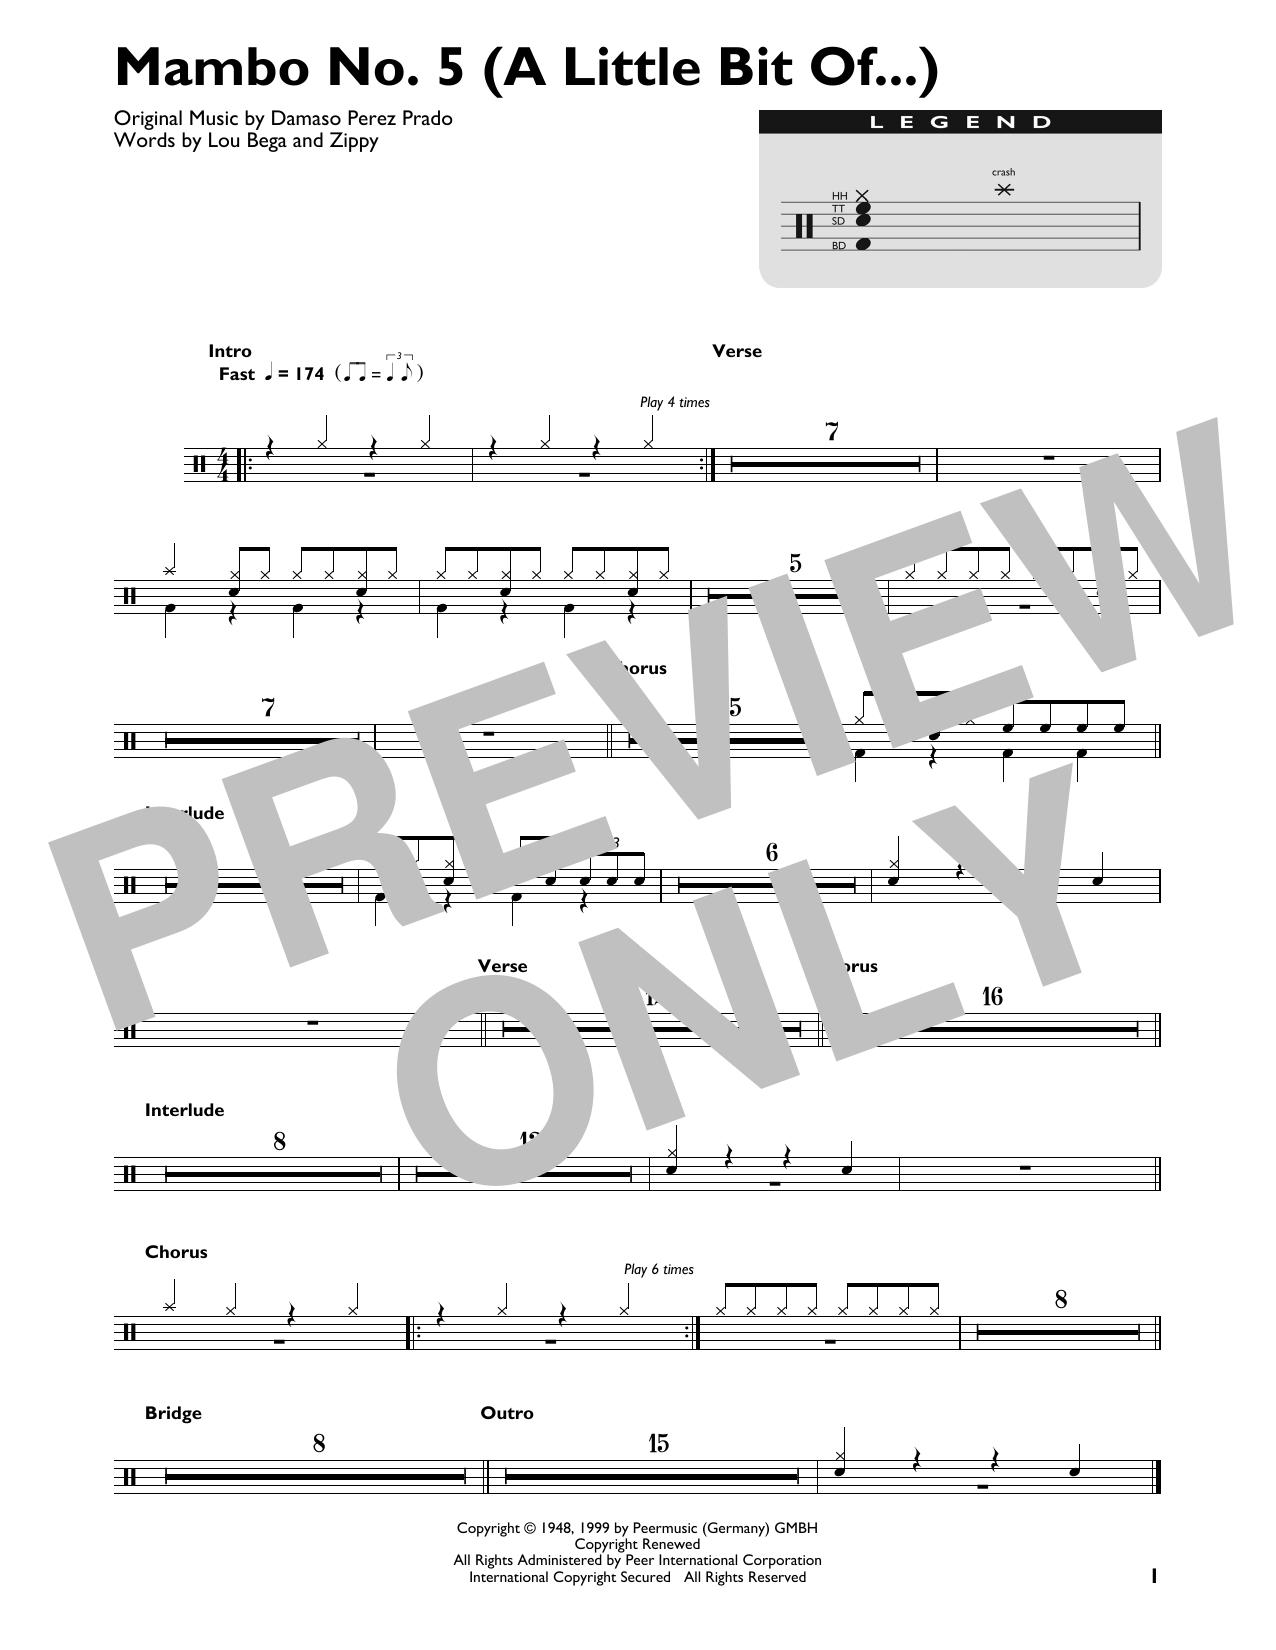 Mambo No. 5 (A Little Bit Of...) Sheet Music